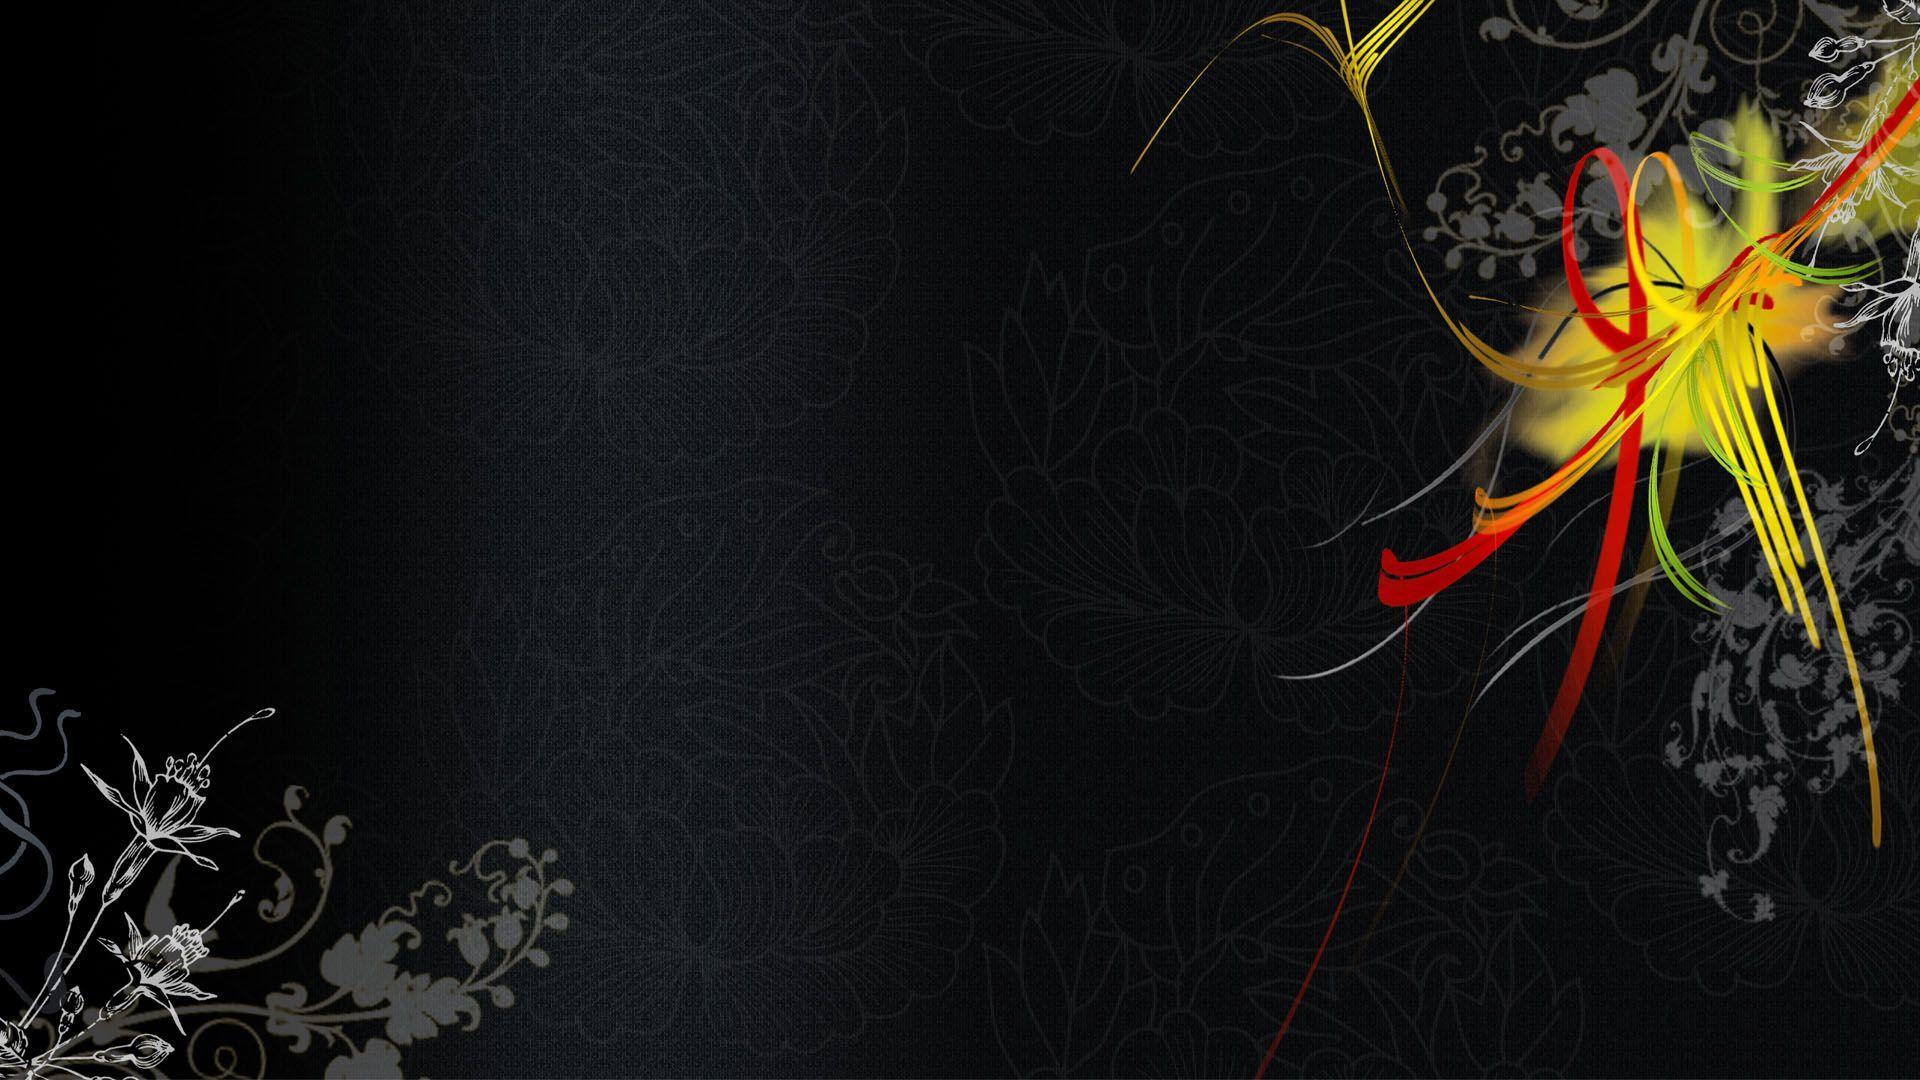 Dell Studio Wallpapers - Wallpaper Cave